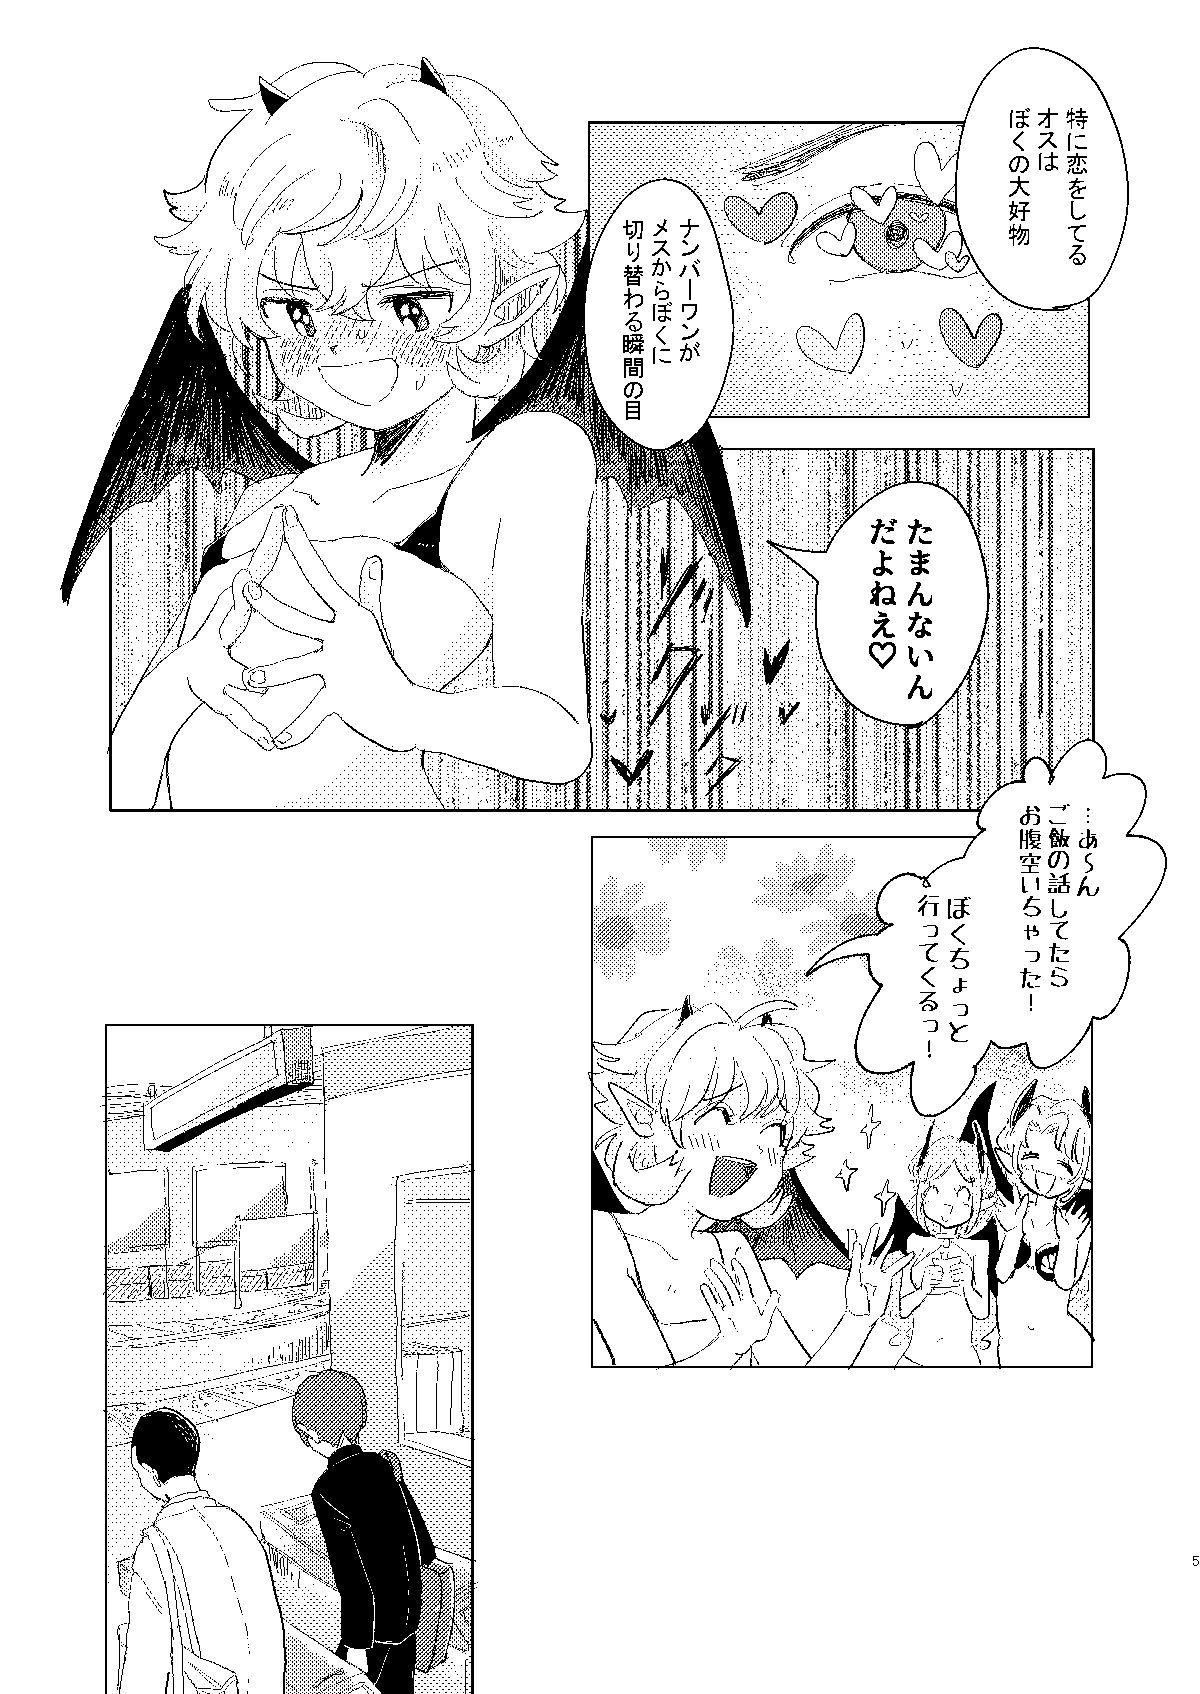 サキュバス♂と不器用なフタリ